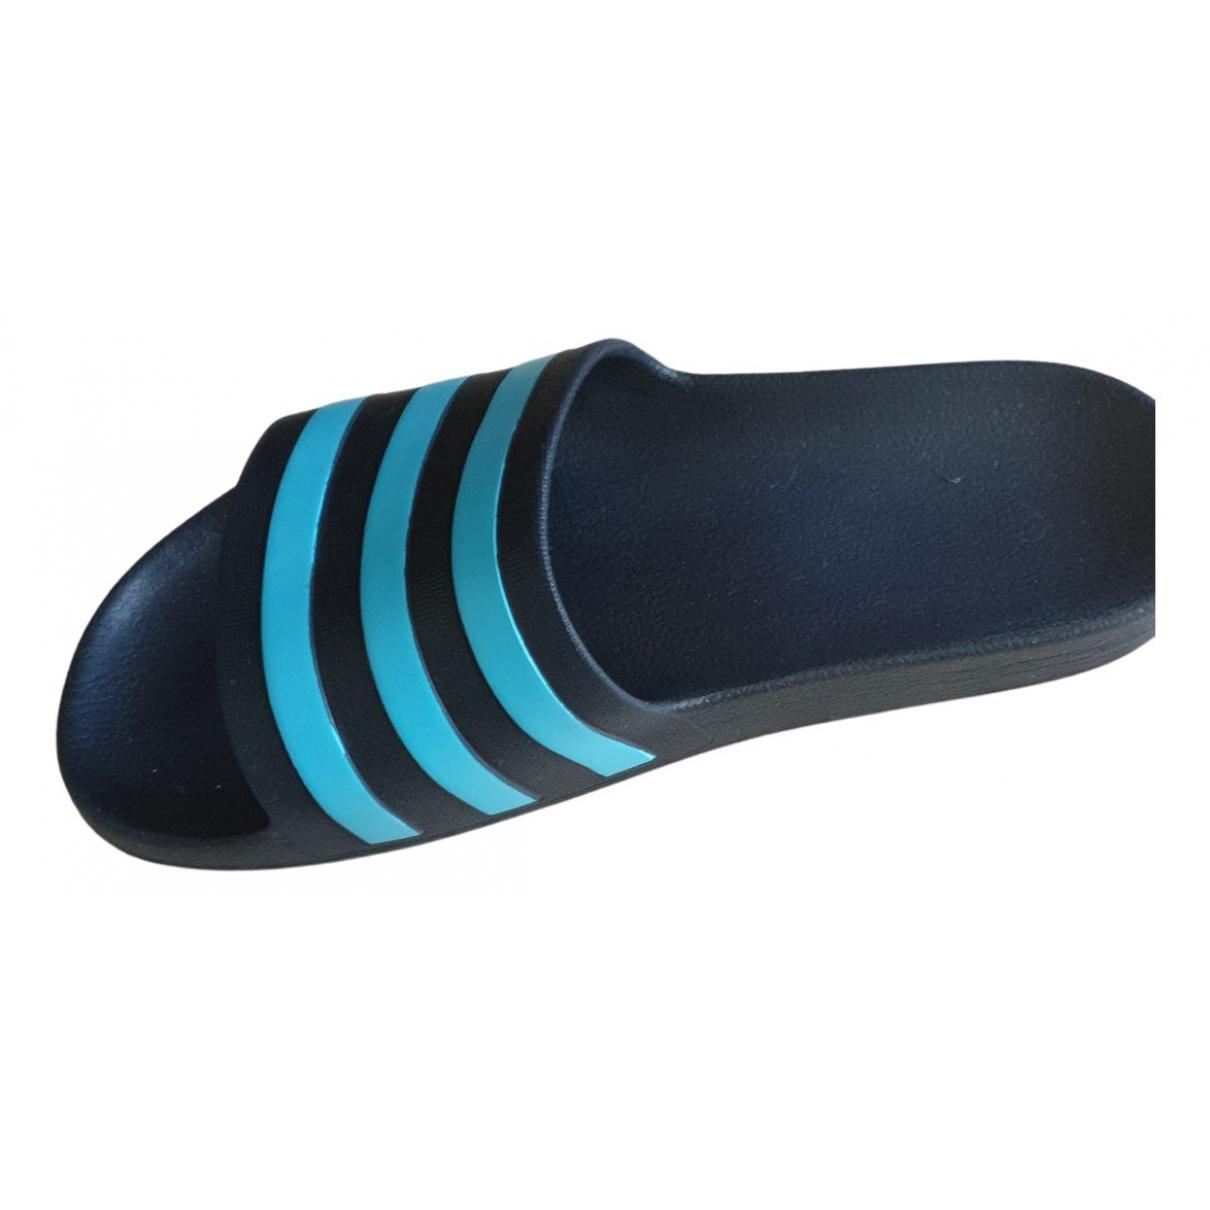 Adidas - Sandales Adilette  pour homme en caoutchouc - bleu